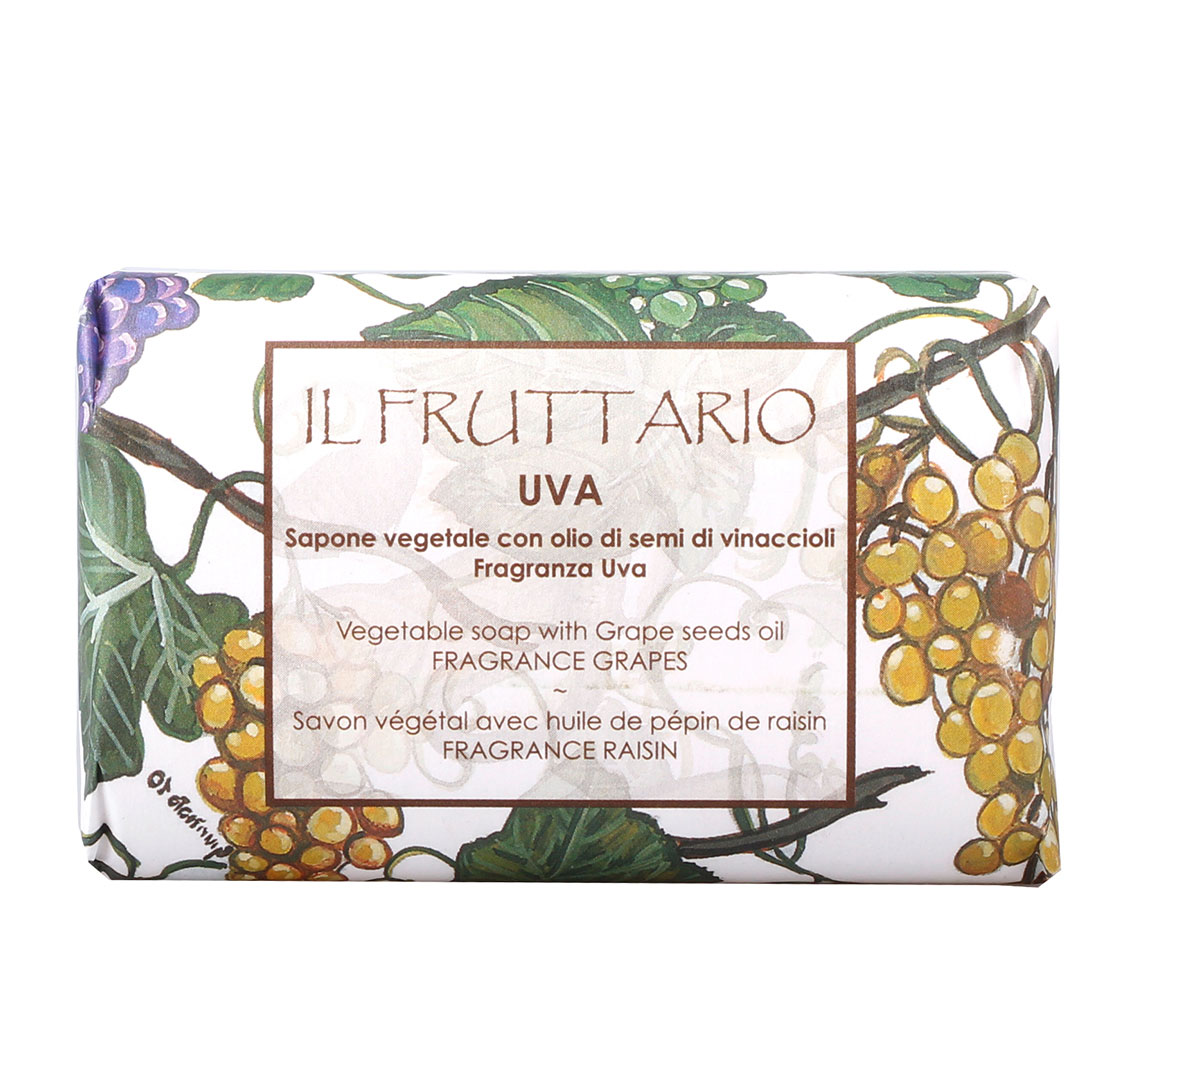 Мыло натуральное с ароматом виноградаи экстрактом виноградных косточек, 150 гр, Iteritalia65500018Натуральное косметическое мыло ,изготовленное в соответствии с традициями мастеров Саронно. Обогащено маслом виноградных косточек,которое с древних времен считается антиоксидантом и борется против старения кожи. Для всех типов кожи, в том числе для сухой.